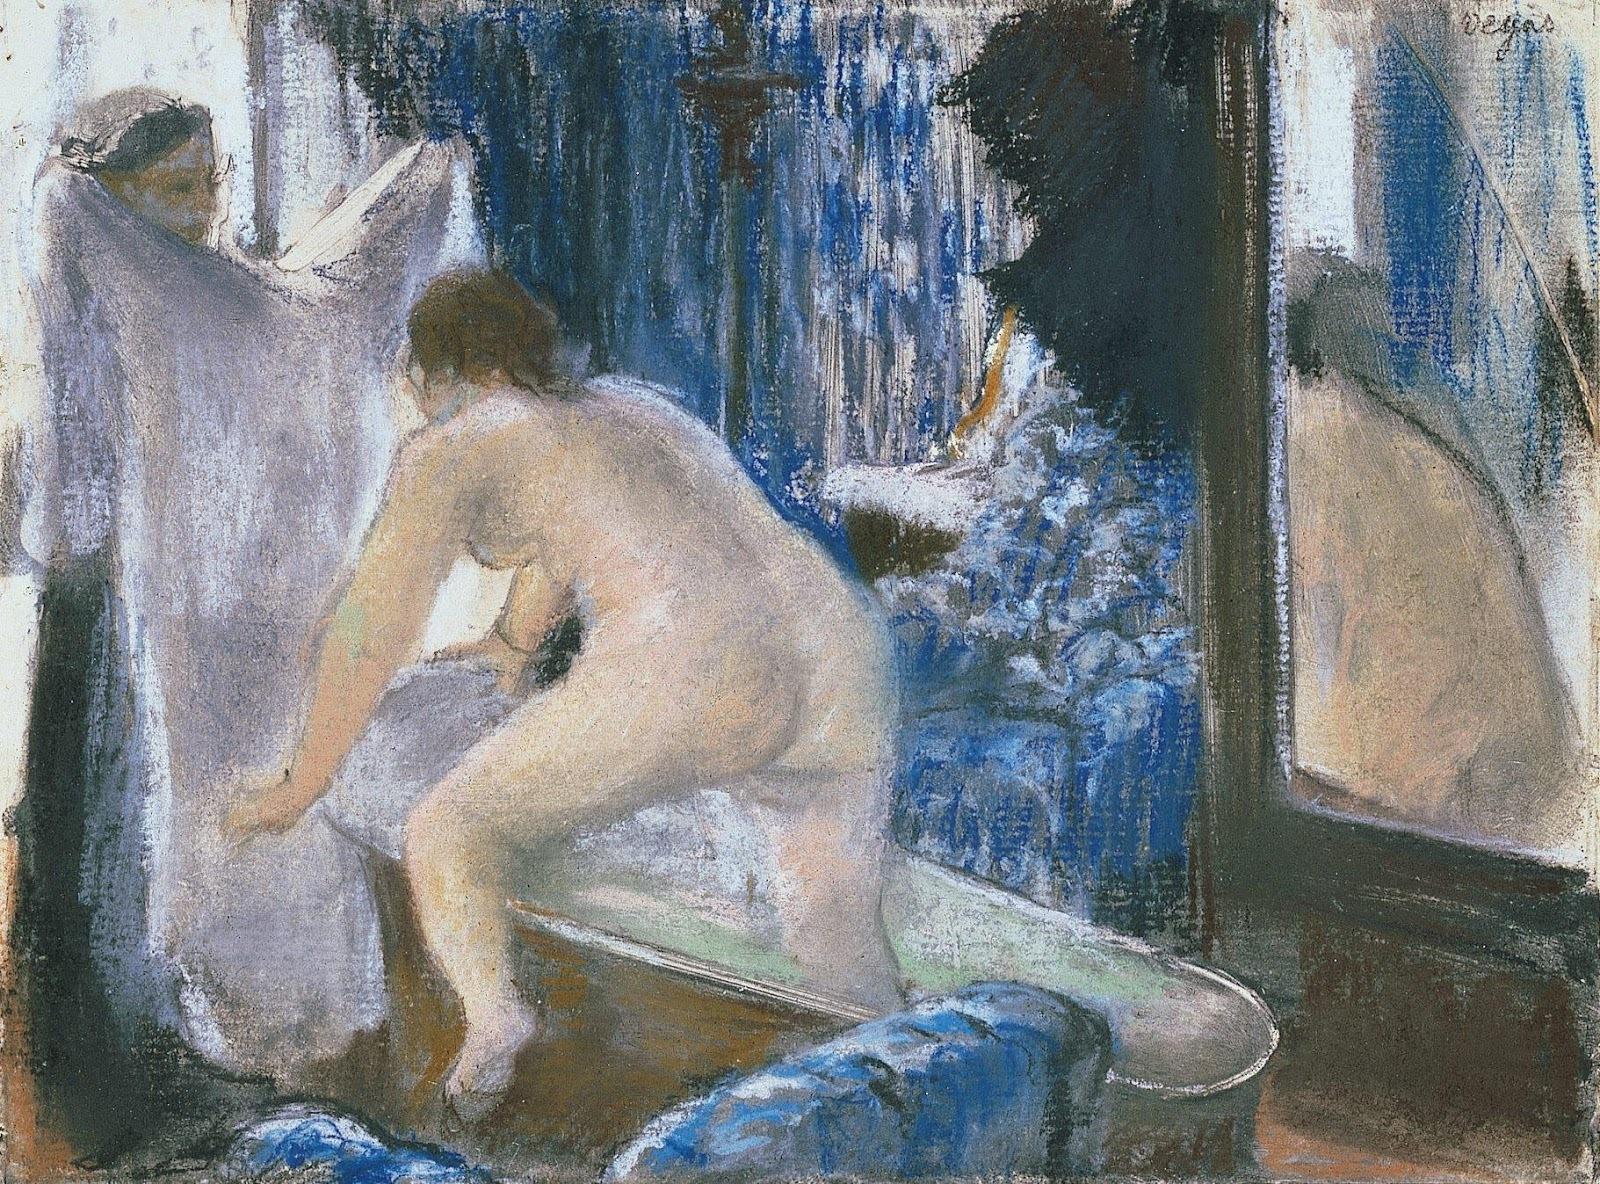 Эдгар Дега. 1877 (ок). Женщина, выходящая из ванны (Woman Getting Out of the Bath). 15.9 x 21.6. Бумага, пастель по монотипии. Пасадена, музей Нортона Саймона.